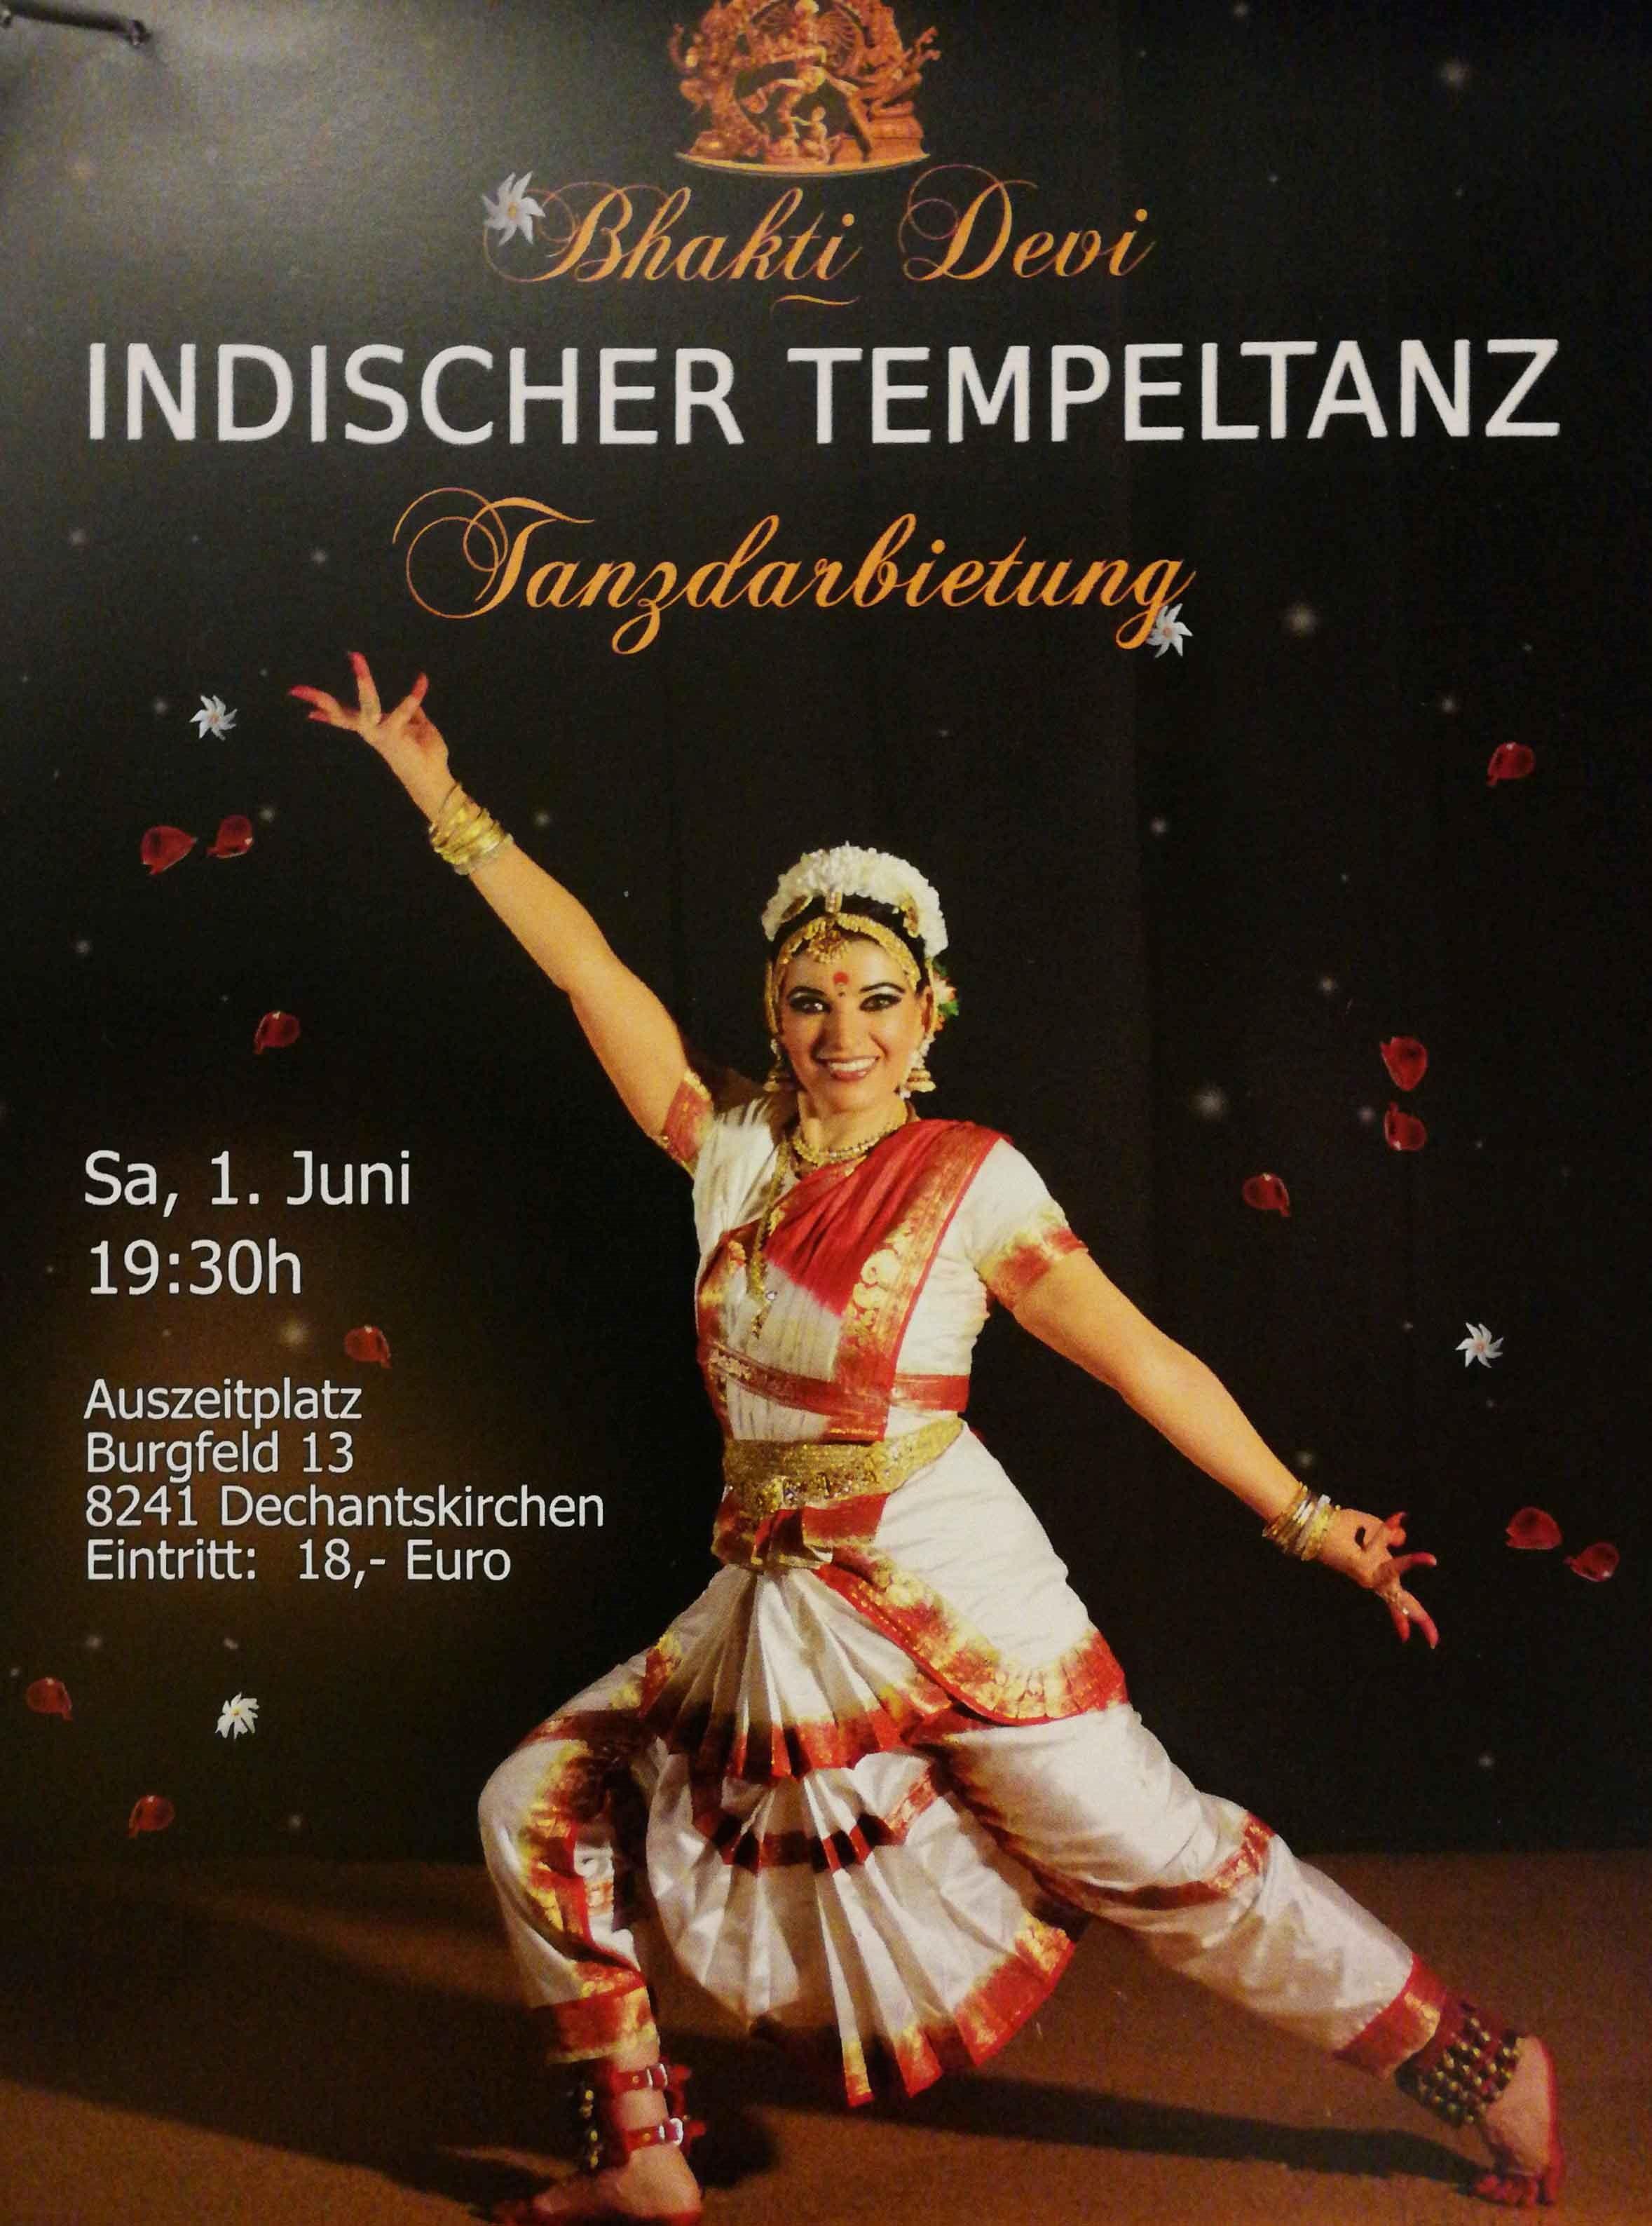 Der indische Tanz bringt Glück und Segen ins Haus